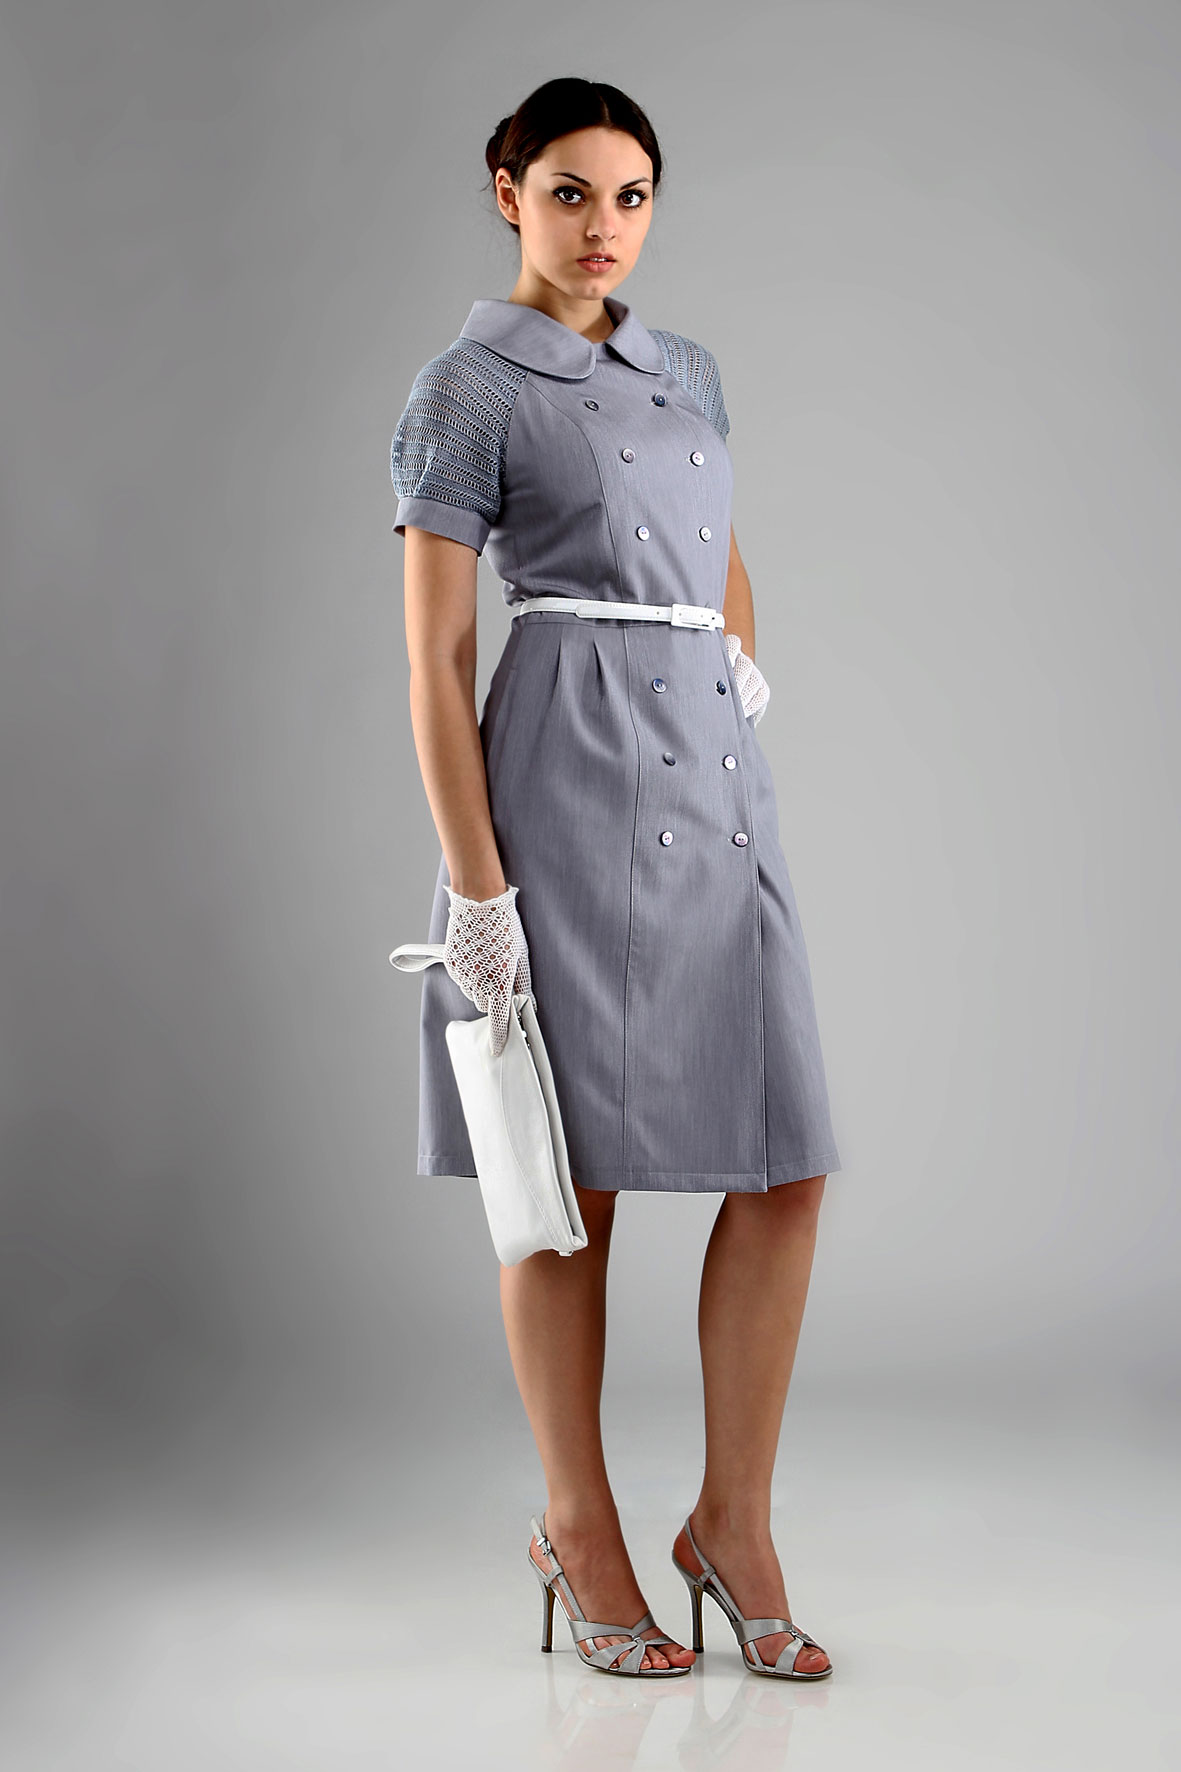 Полный Стиль Одежда Больших Размеров 42 88